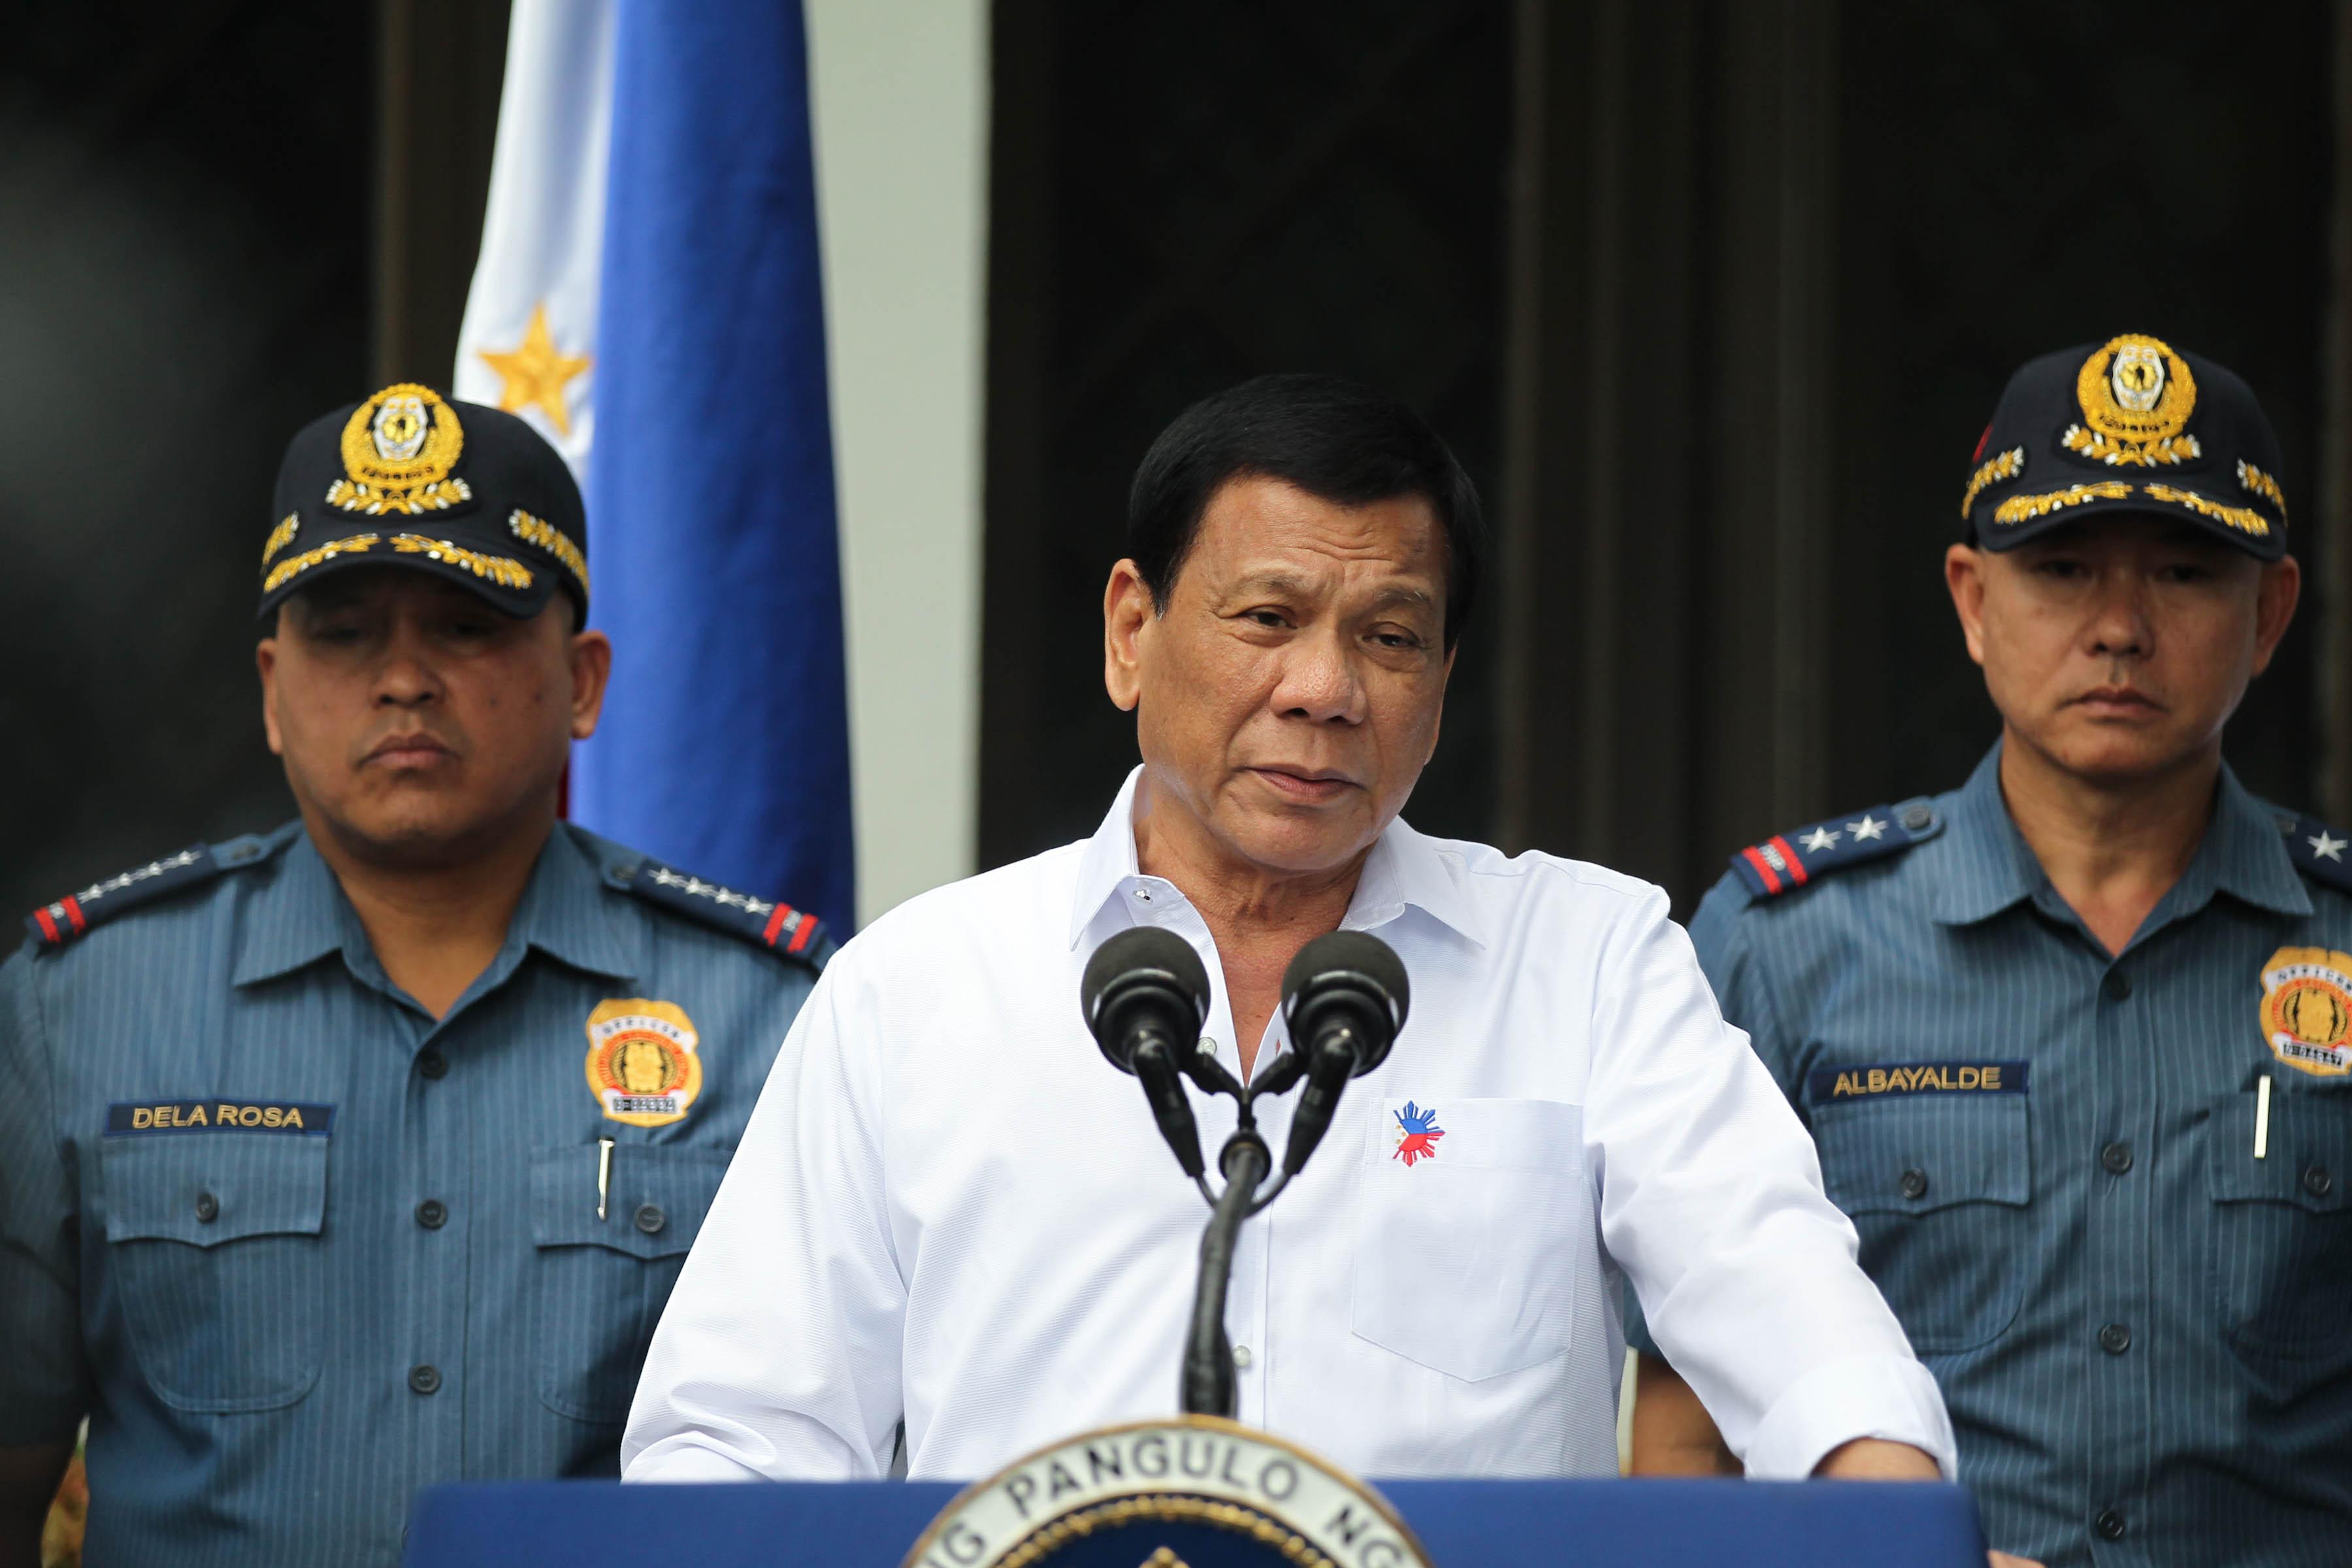 """DLSU prof: Duterte, PNP have no motive to kill minors, """"malinaw kung sino nakikinabang"""""""